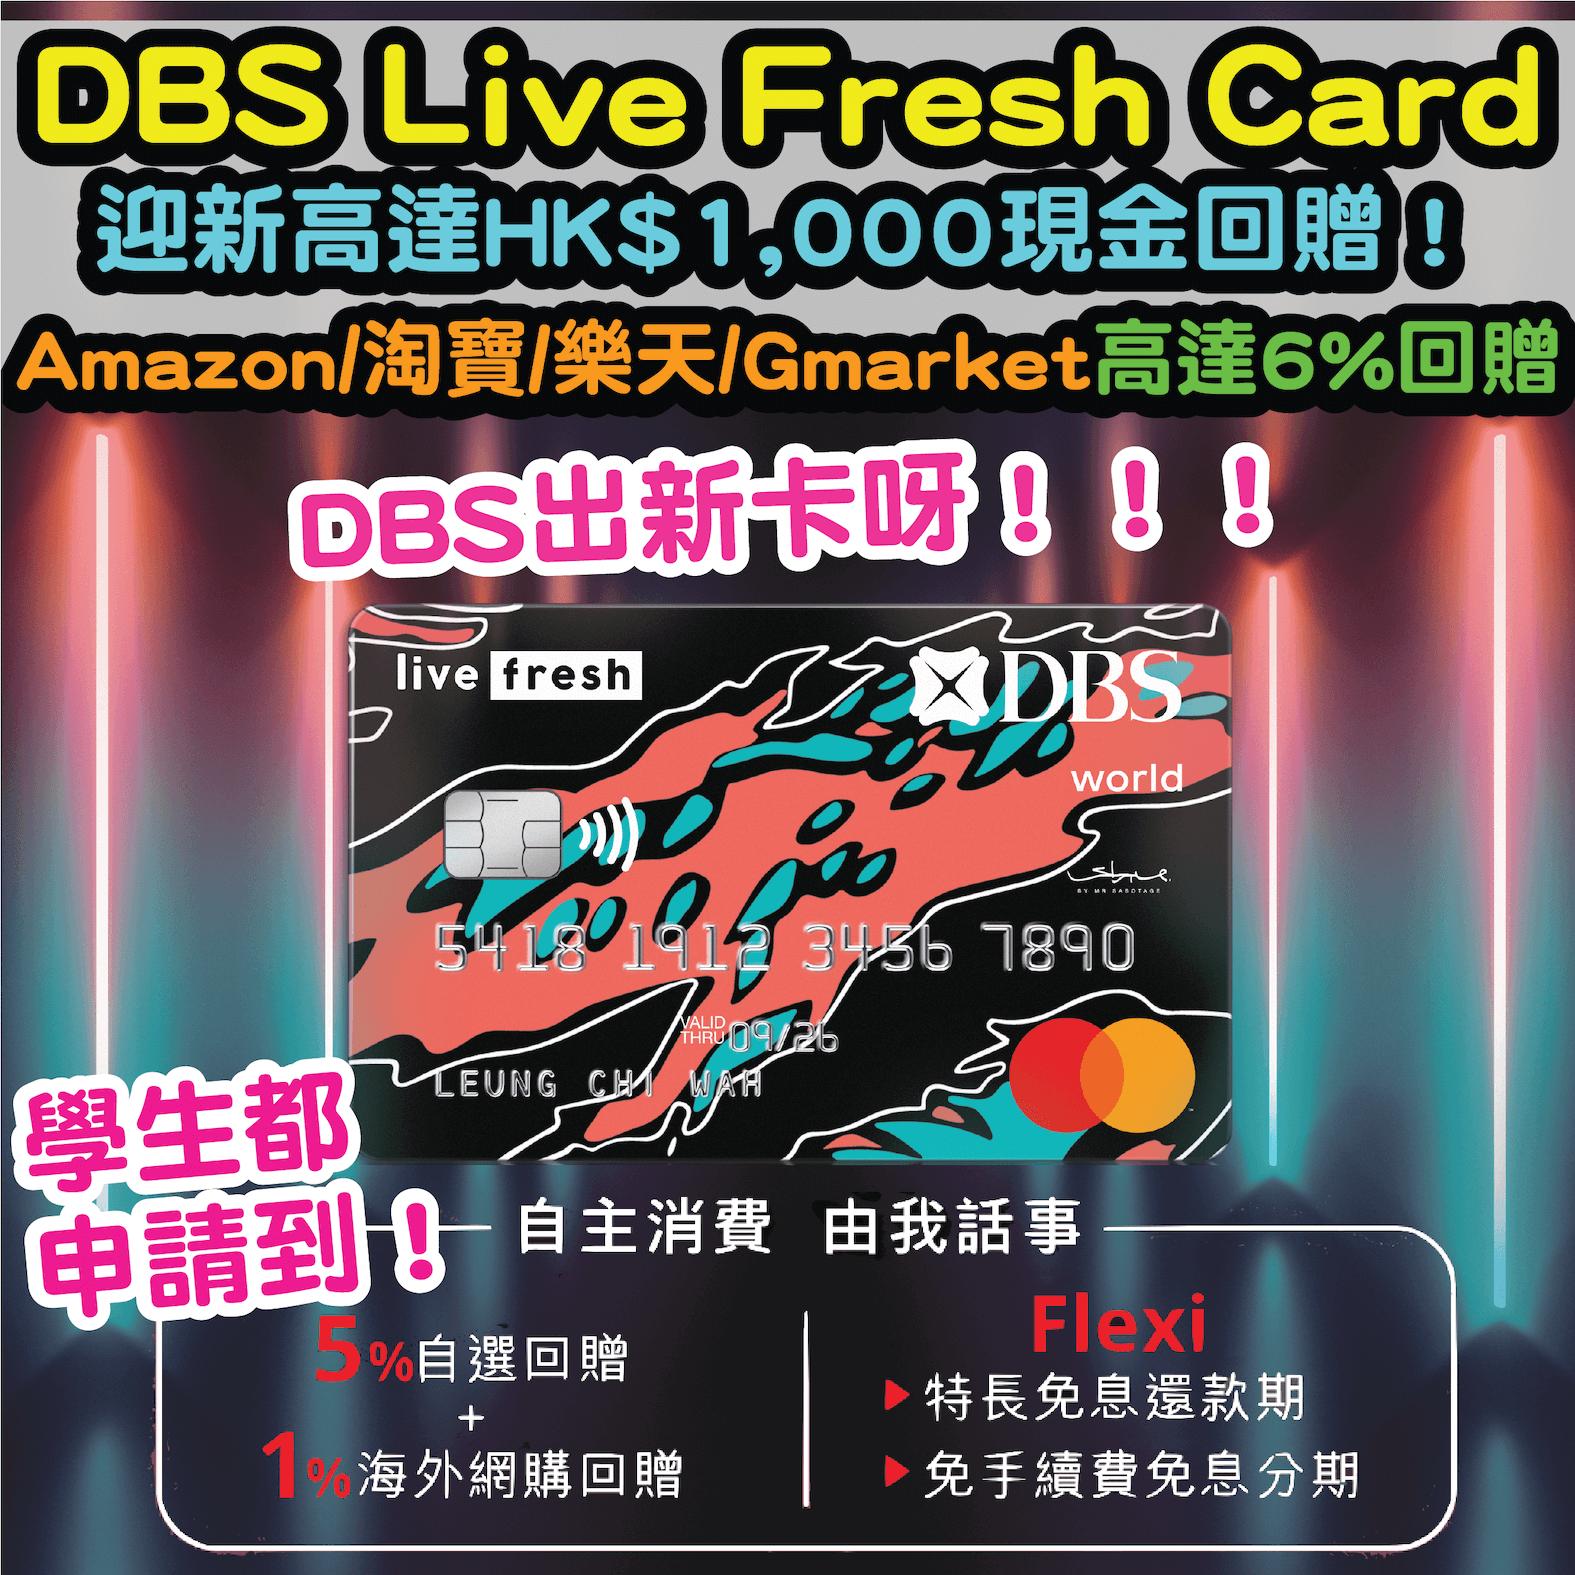 【毋須簽賬批核即送$700 Apple Gift Card或超市禮券】4月15日至19日,新客戶經小斯申請DBS Live Fresh Card,毋須簽賬就有$700 Apple Gift Card或超市禮券!